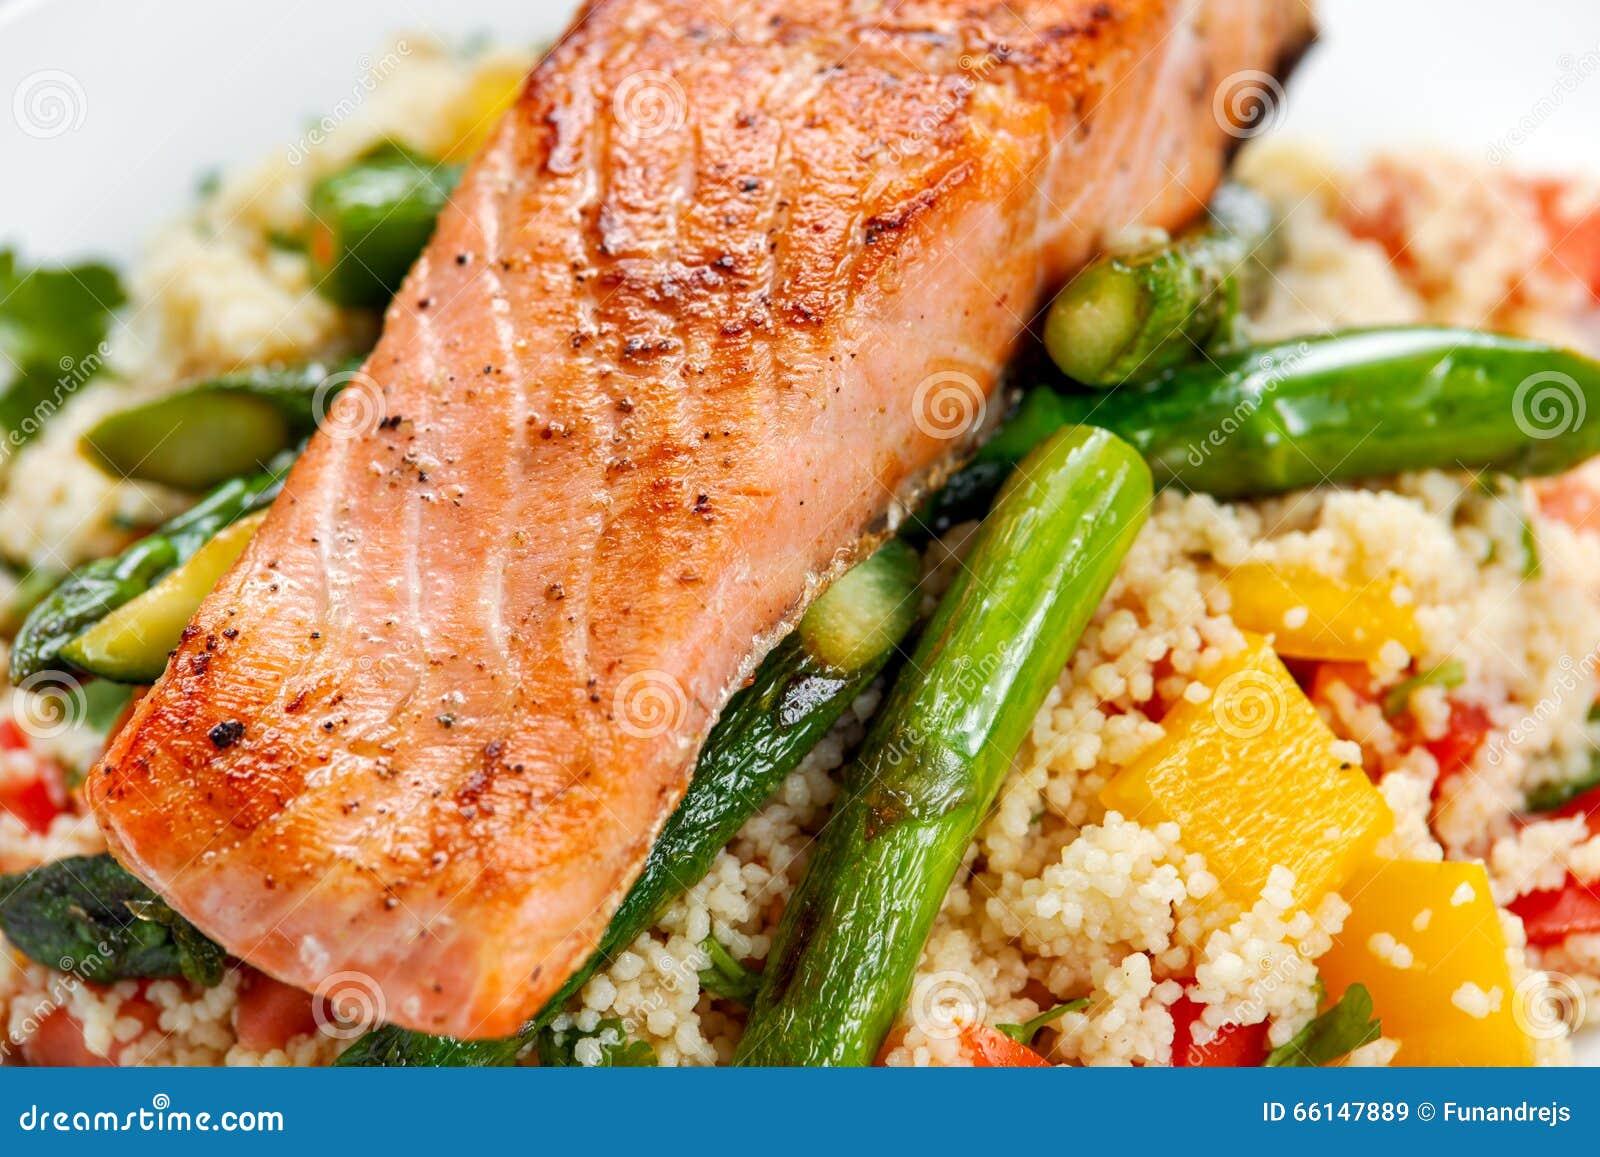 批评油煎的三文鱼用嫩在蒸丸子供食的芦笋和绿皮胡瓜混合与甜蕃茄,黄色胡椒辣调味汁